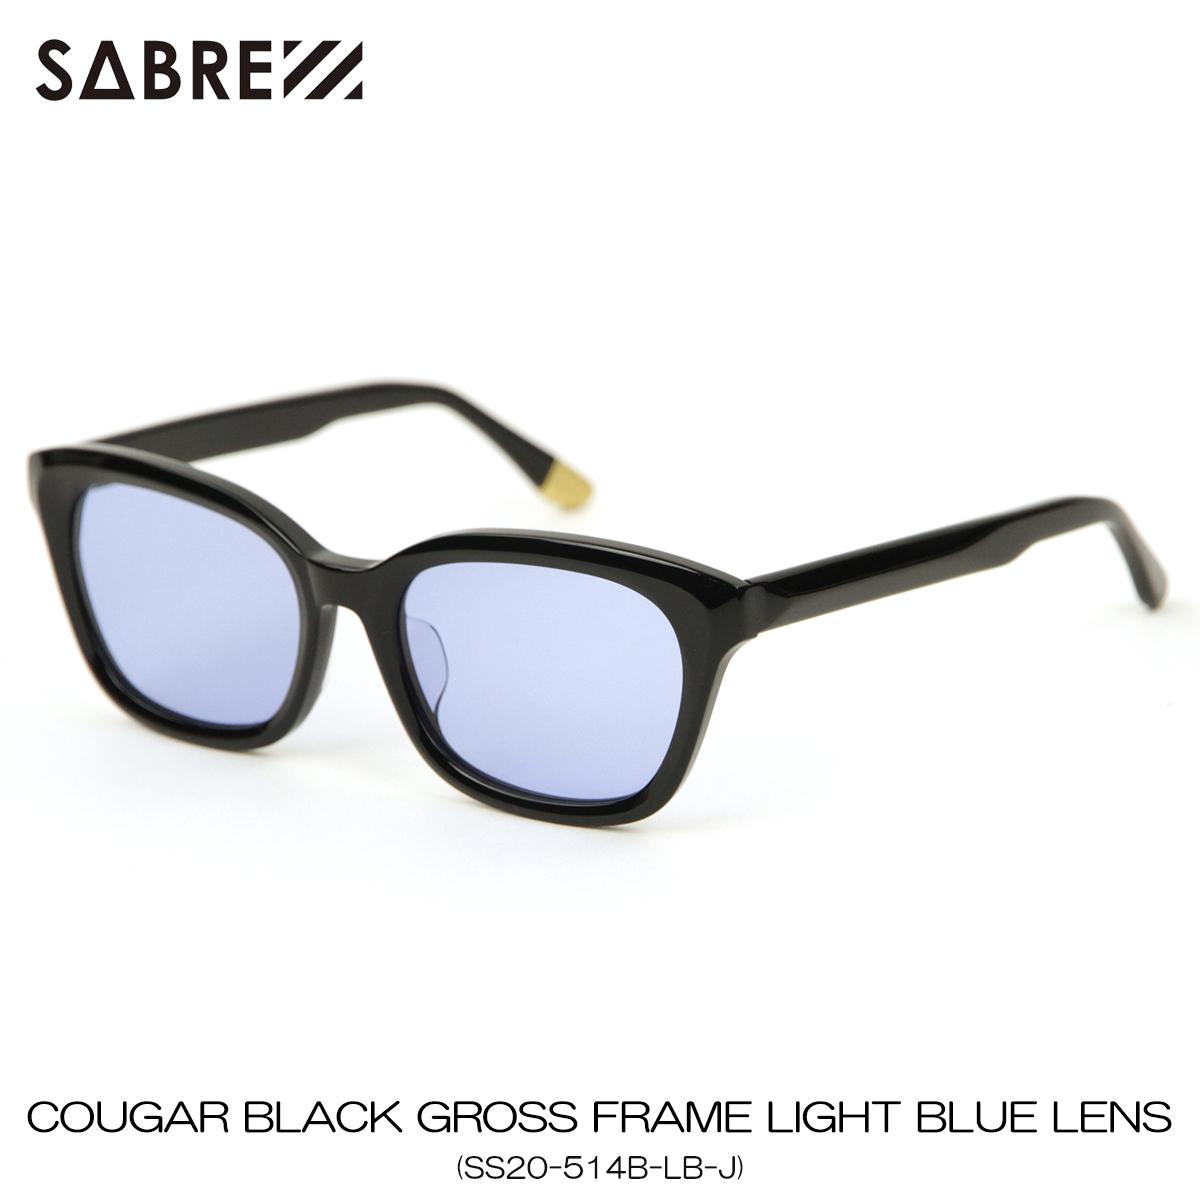 セイバー サングラス 正規販売店 SABRE サングラス COUGAR BLACK GROSS FRAME SUNGLASS LIGHT BLUE LENS SS20-514B-LB-J 父の日